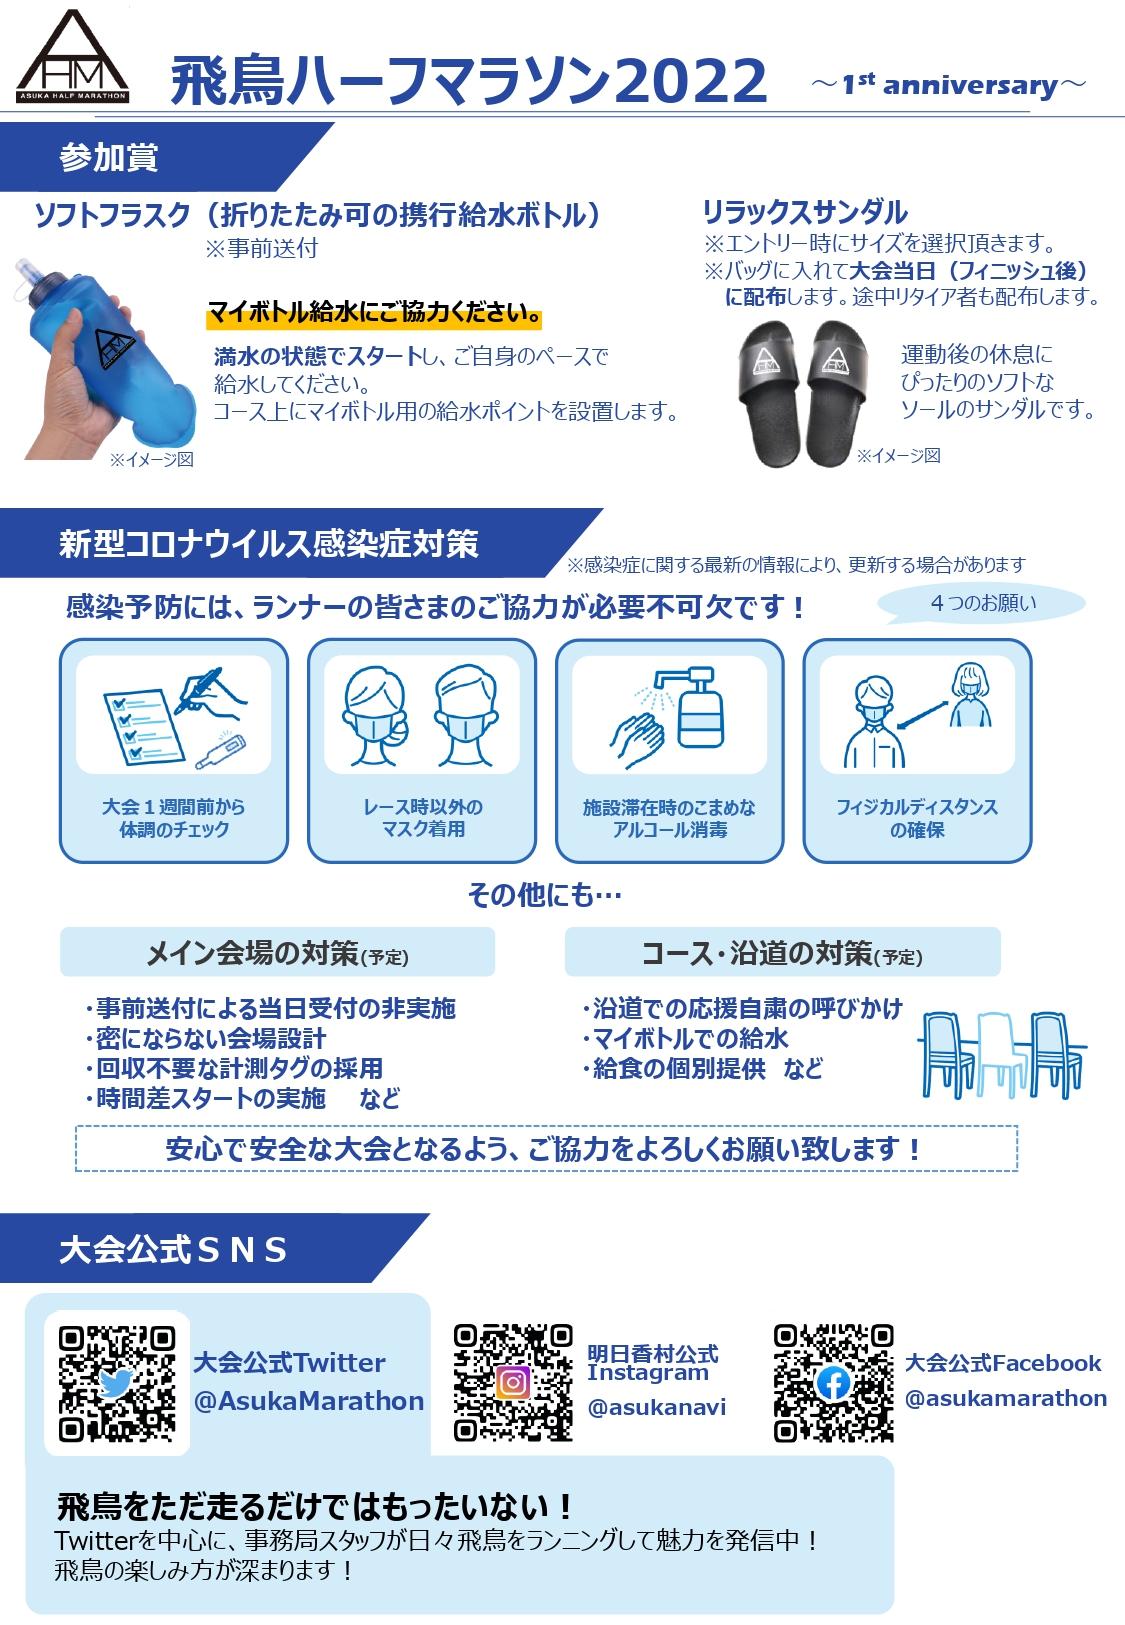 参加賞・感染症対策・SNS・給水について